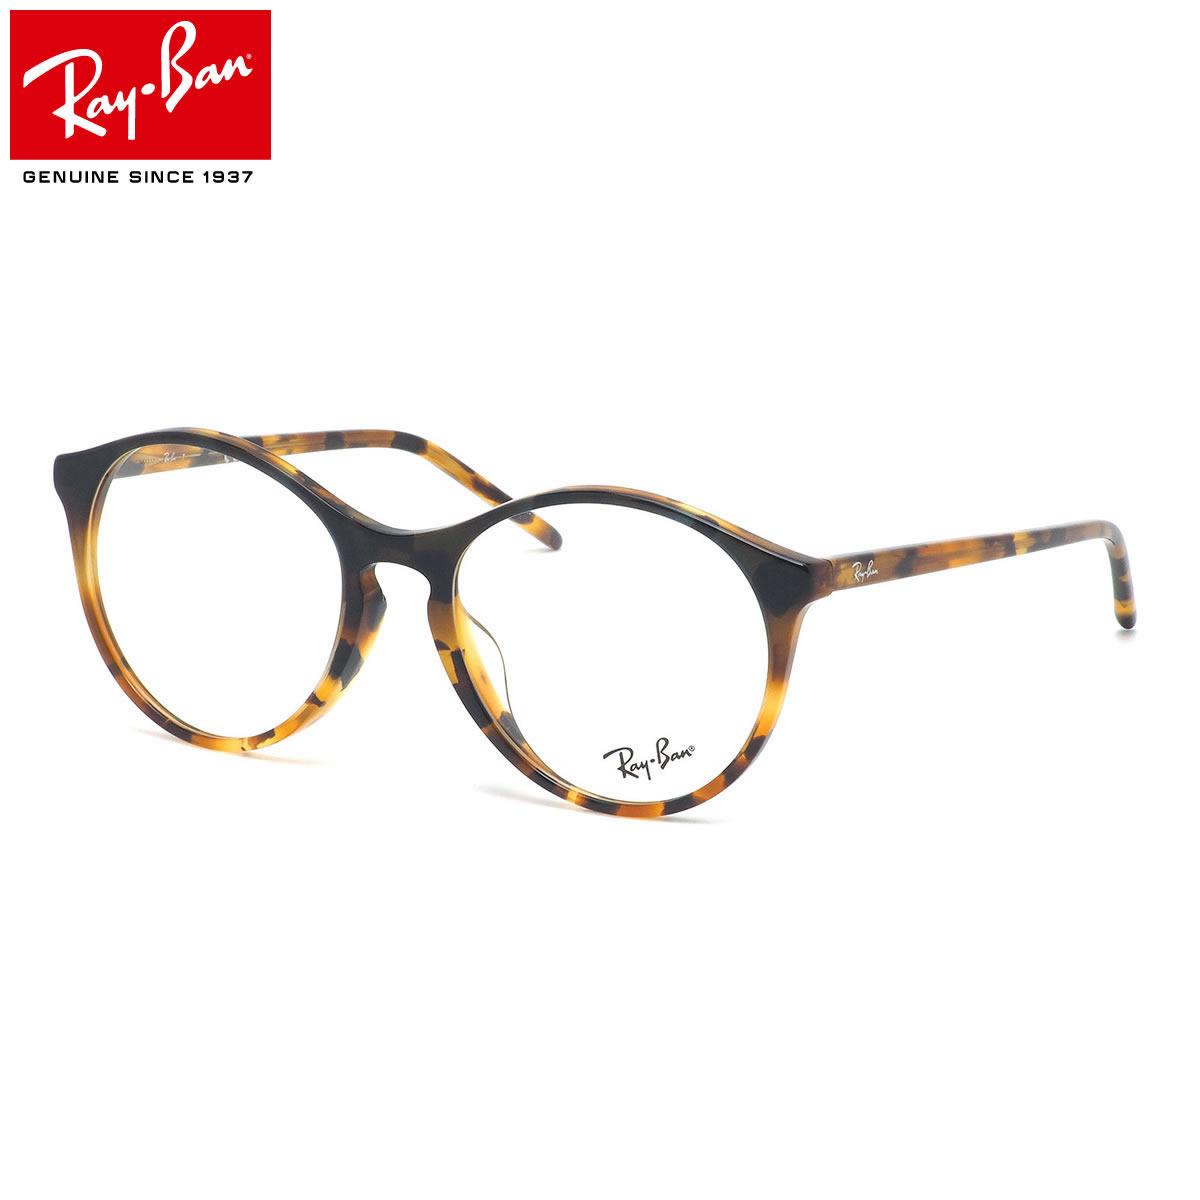 Ray-Ban レイバン メガネ RX5371F 5871 53サイズ フルフィット キーホールブリッジ ボストン クラシカル モダン おしゃれ メンズ レディース